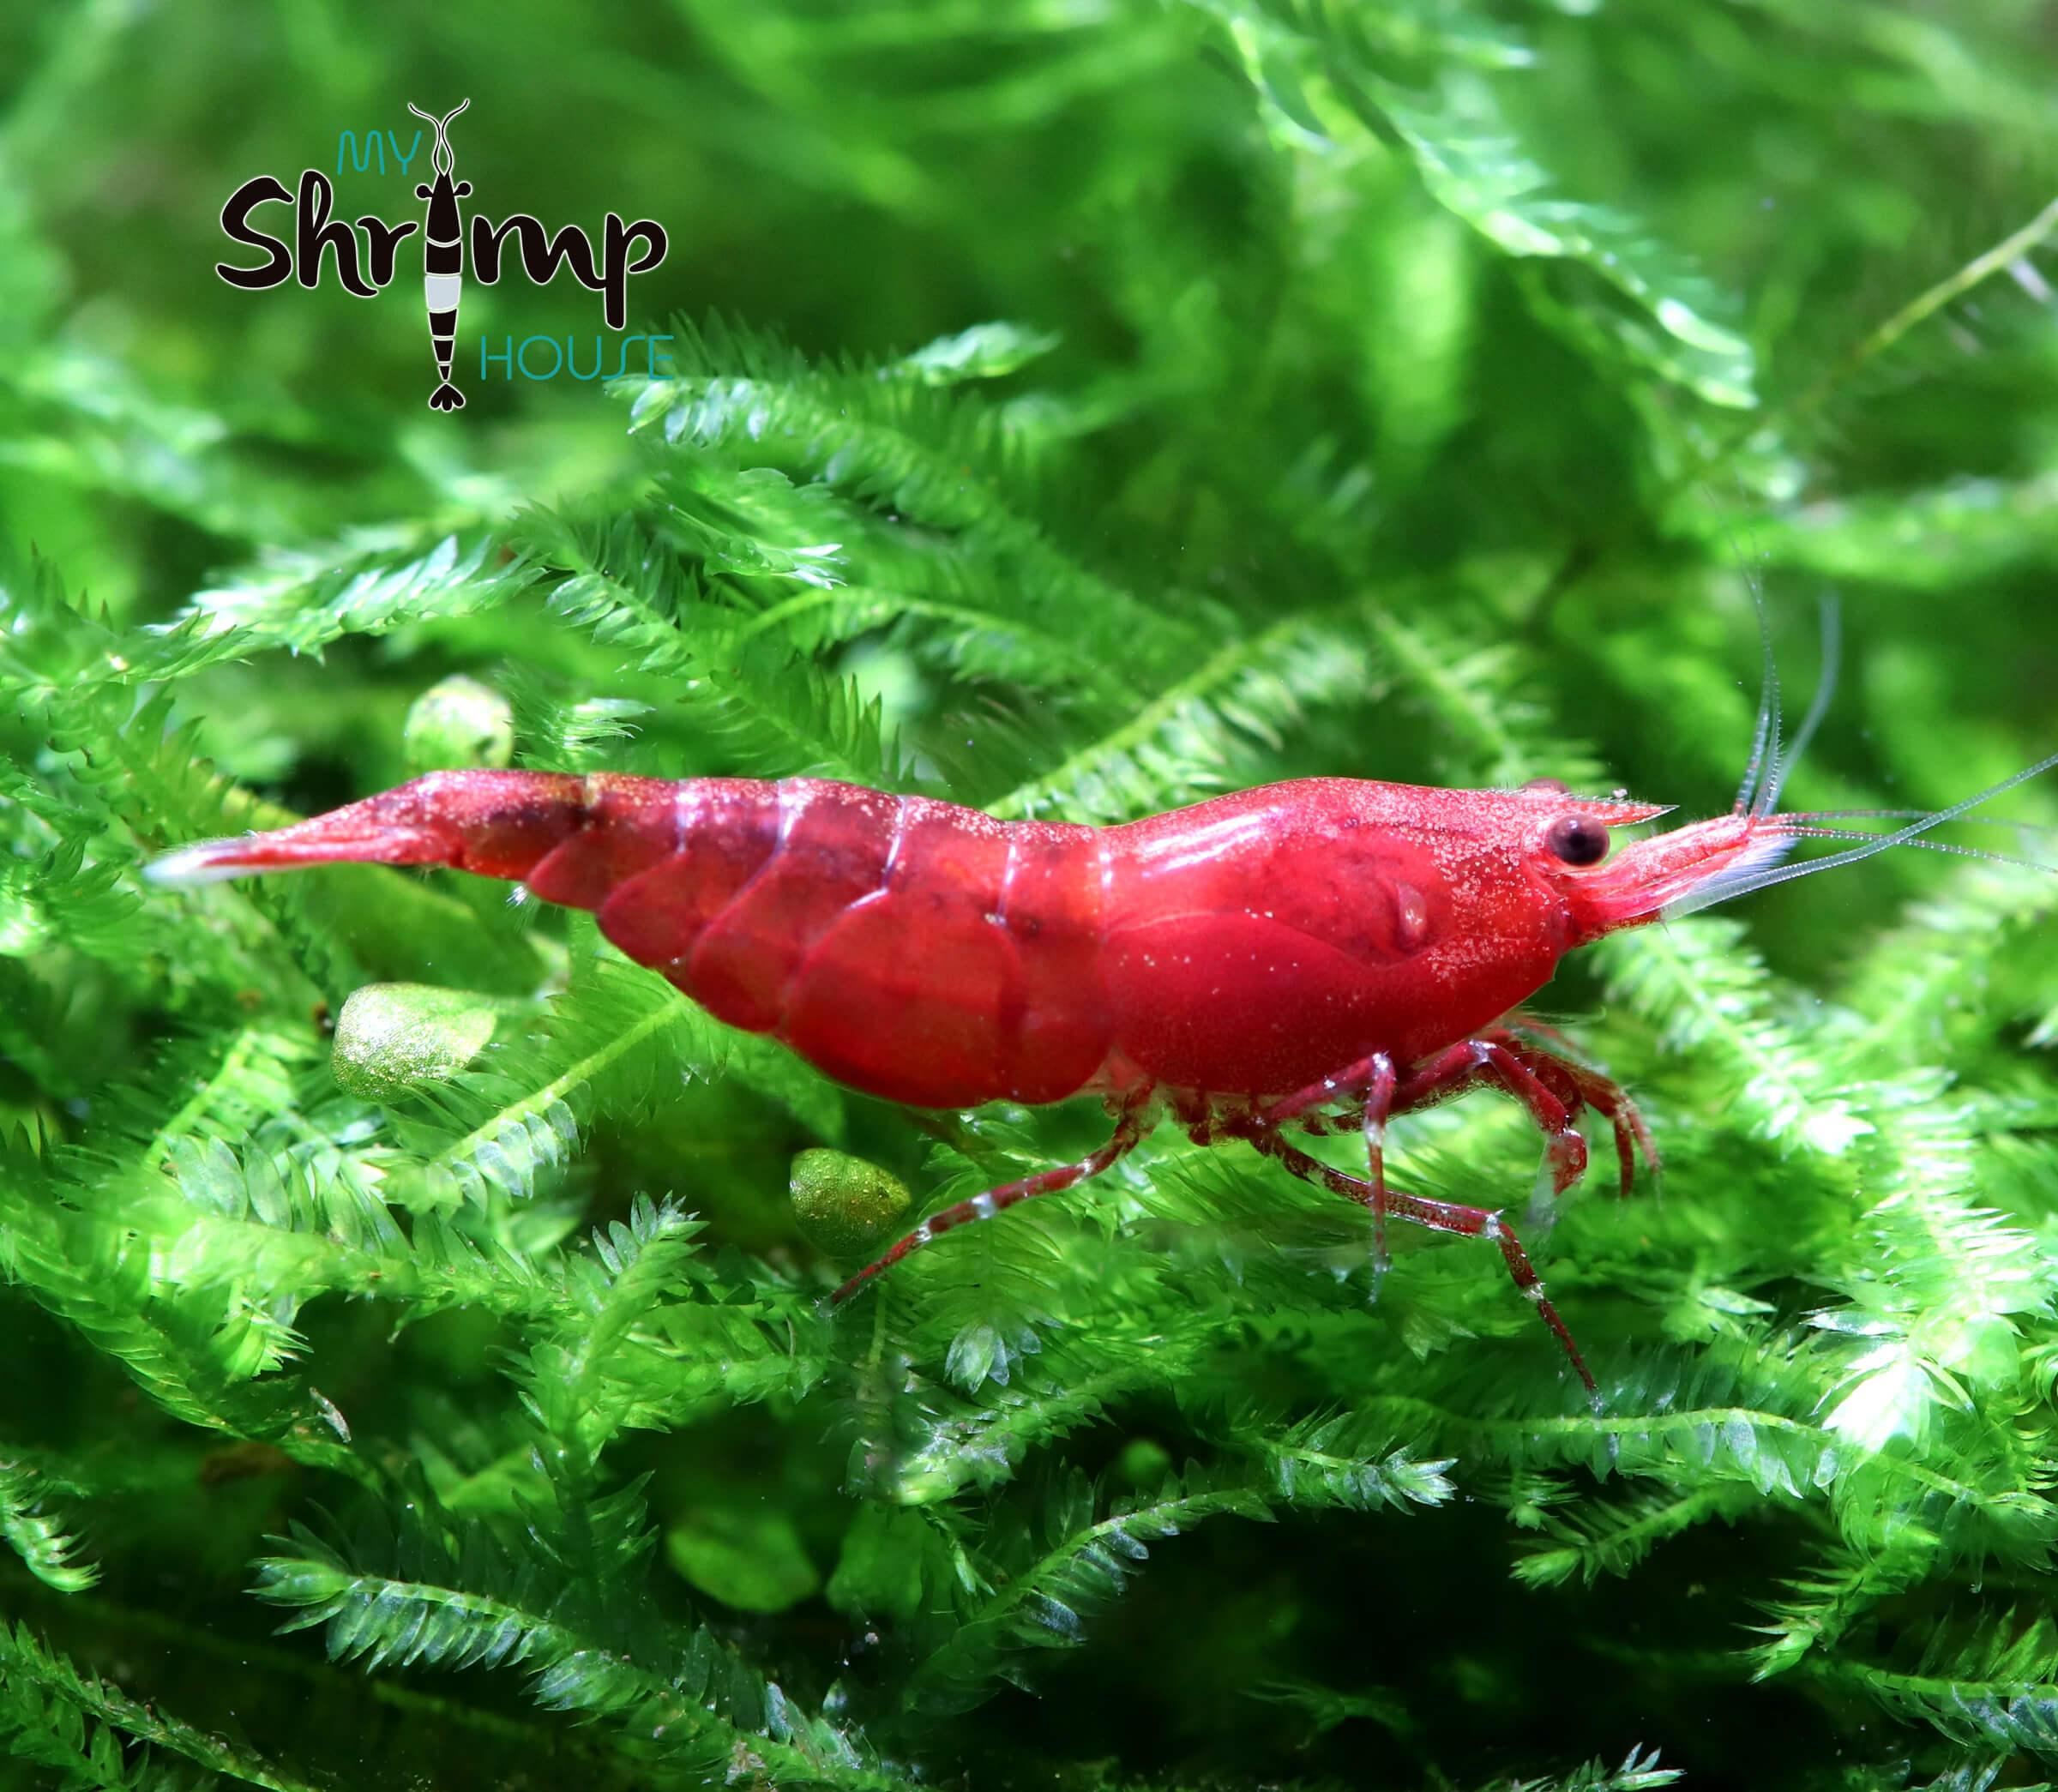 La gamba con el color rojo mas intenso y uniforme, de tono rojo sangre. No tiene partes transparentes como las red cherrys, lo que las hace muy apreciadas.